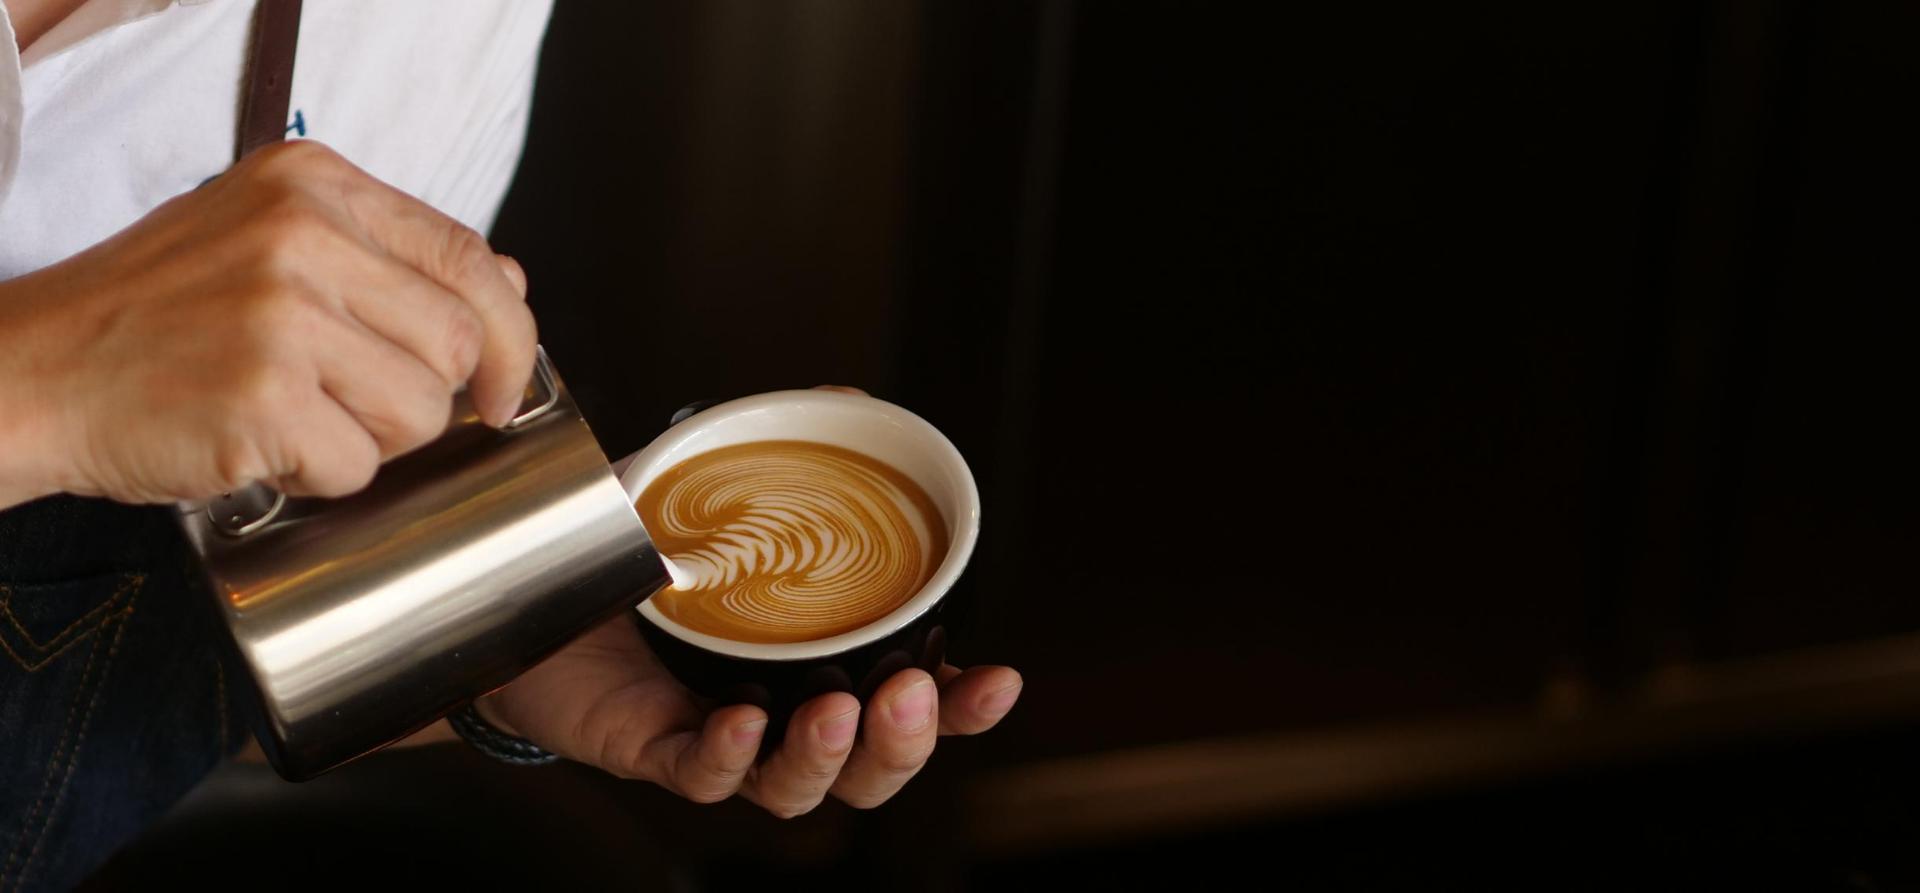 Prawidłowo spienione mleko pozwala zrobić artystyczne wzory na cappuccino.